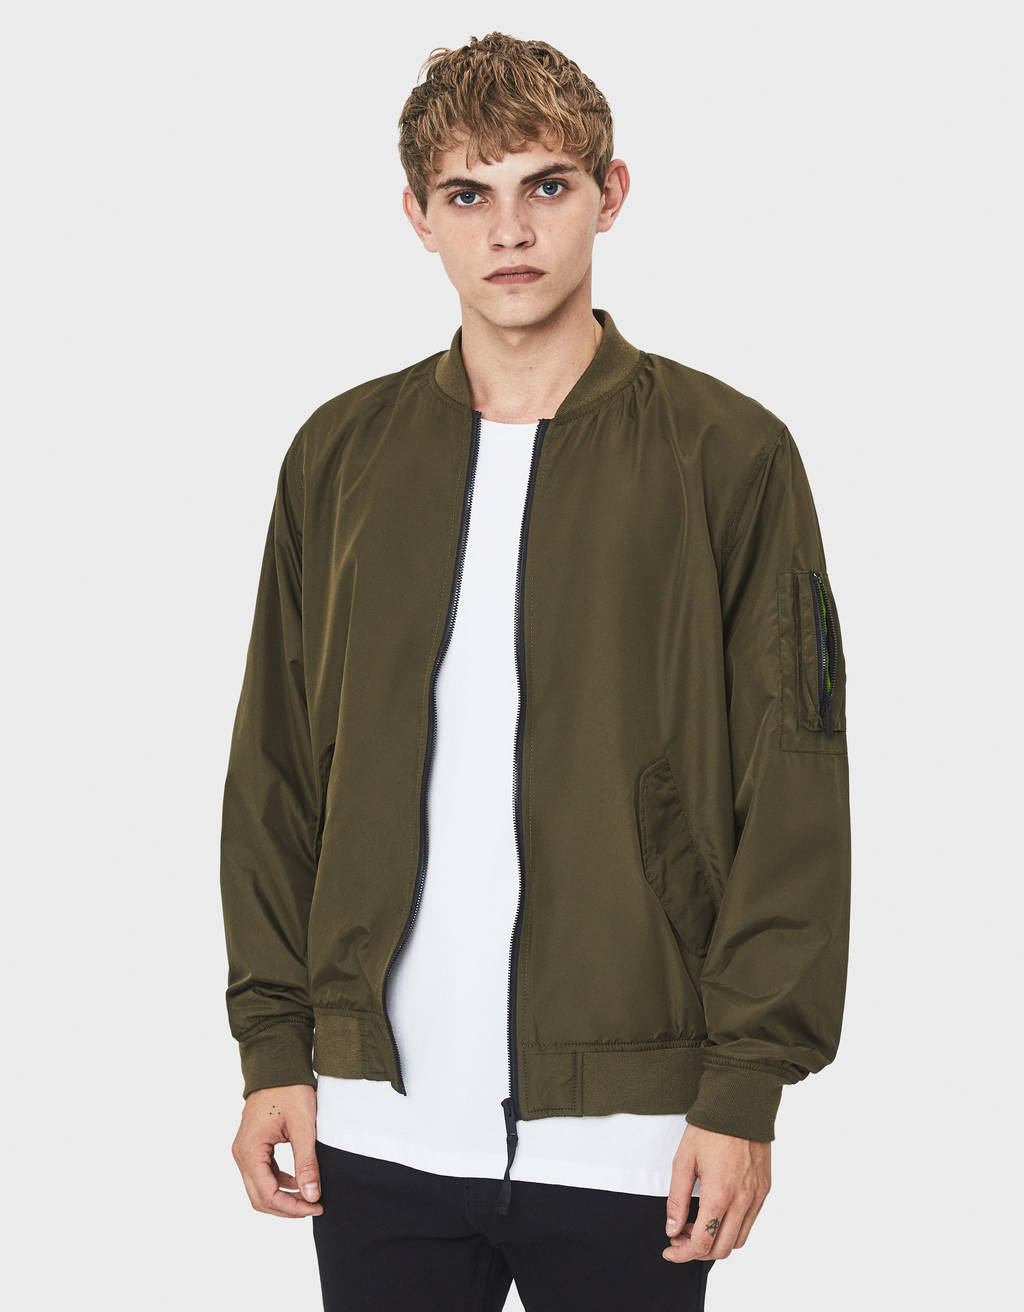 brand new 40c43 30ac9 Gli articoli più venduti di abbigliamento uomo - Autunno ...